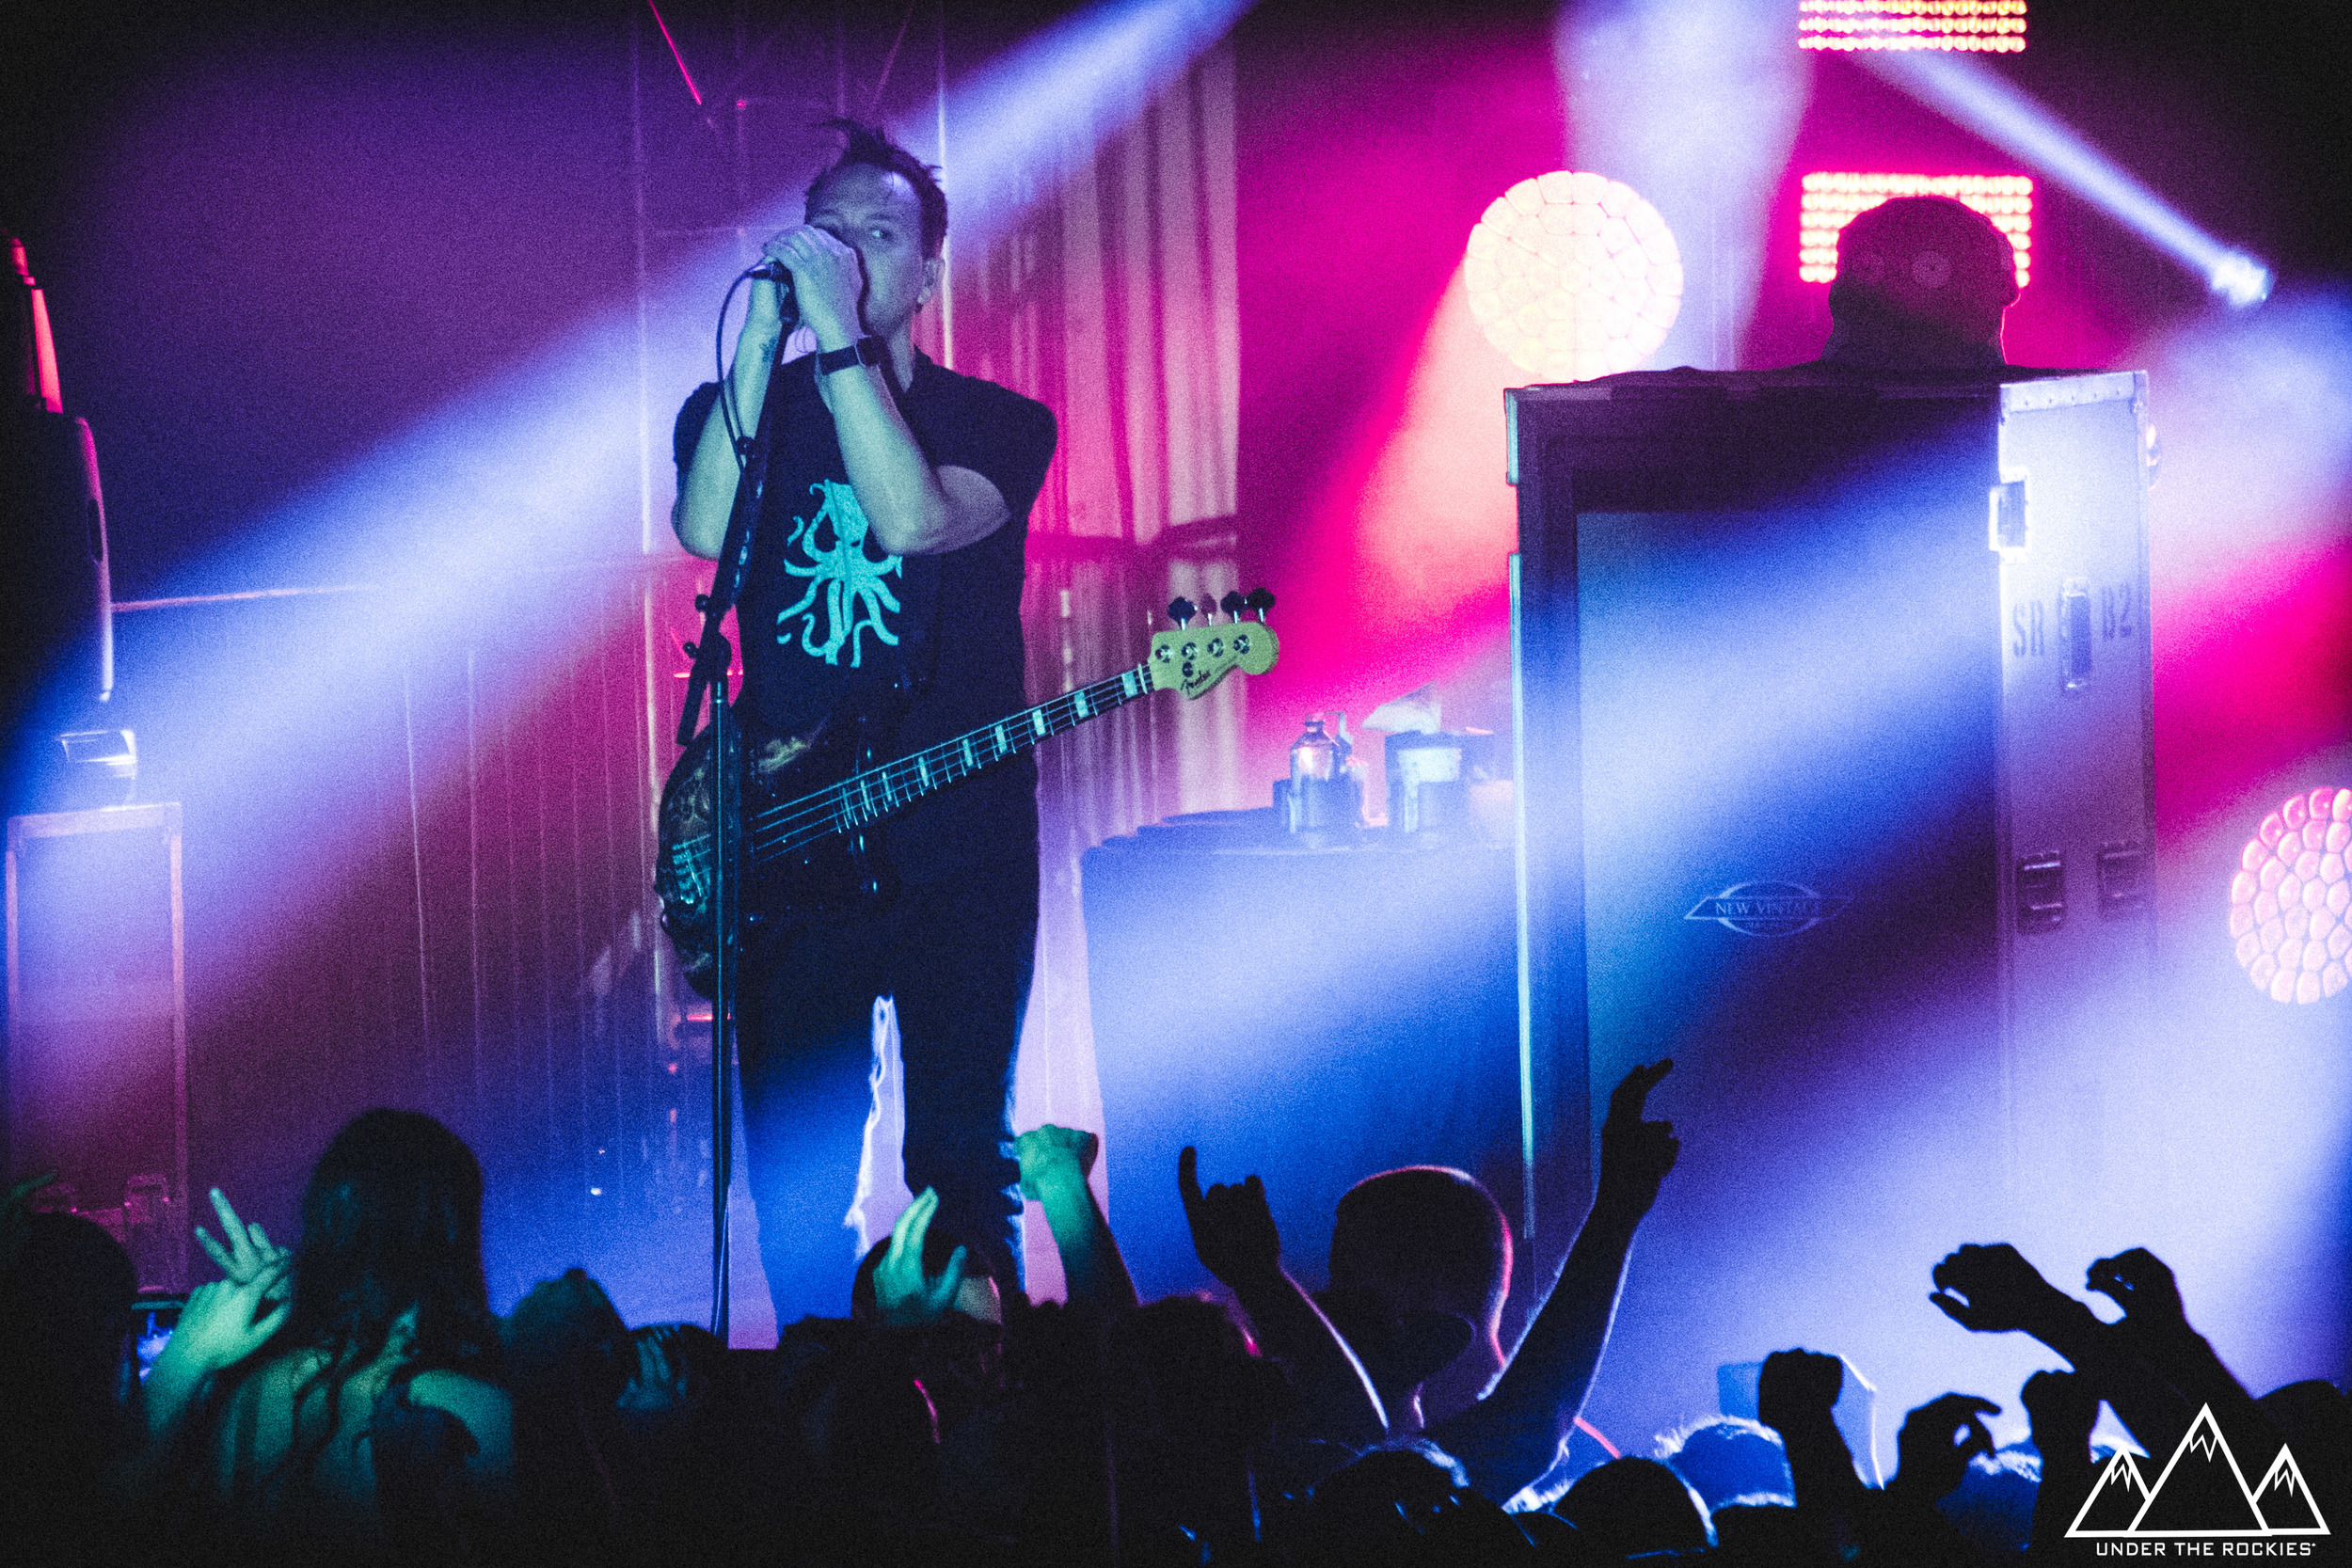 Mark Hoppus of Blink 182 performing at Cowboys.